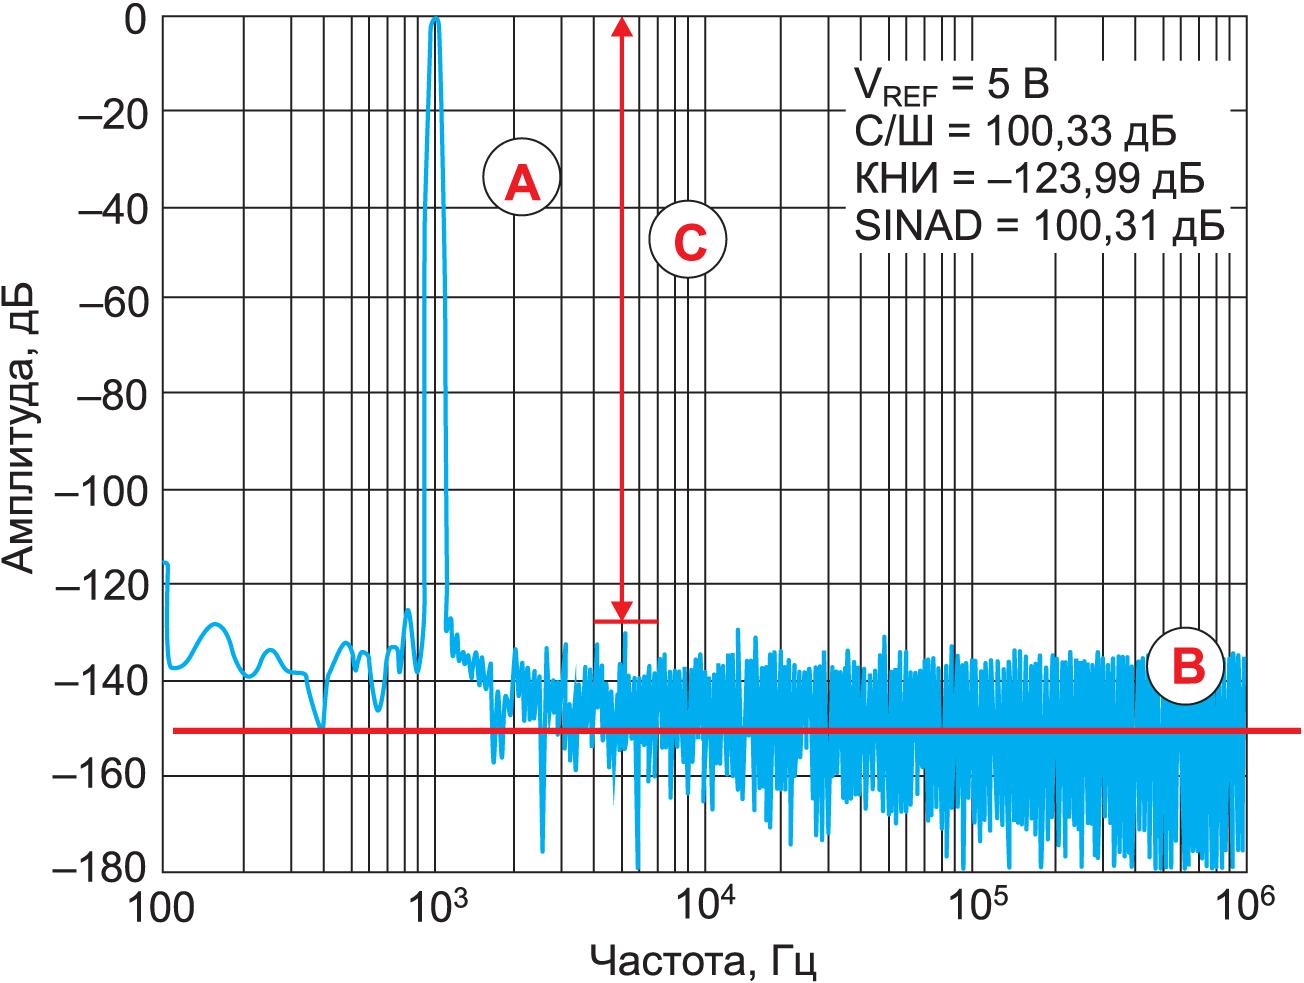 БПФ сигнала усилителя ADA4003 используется для расчета значений С/Ш и КНИ АЦП